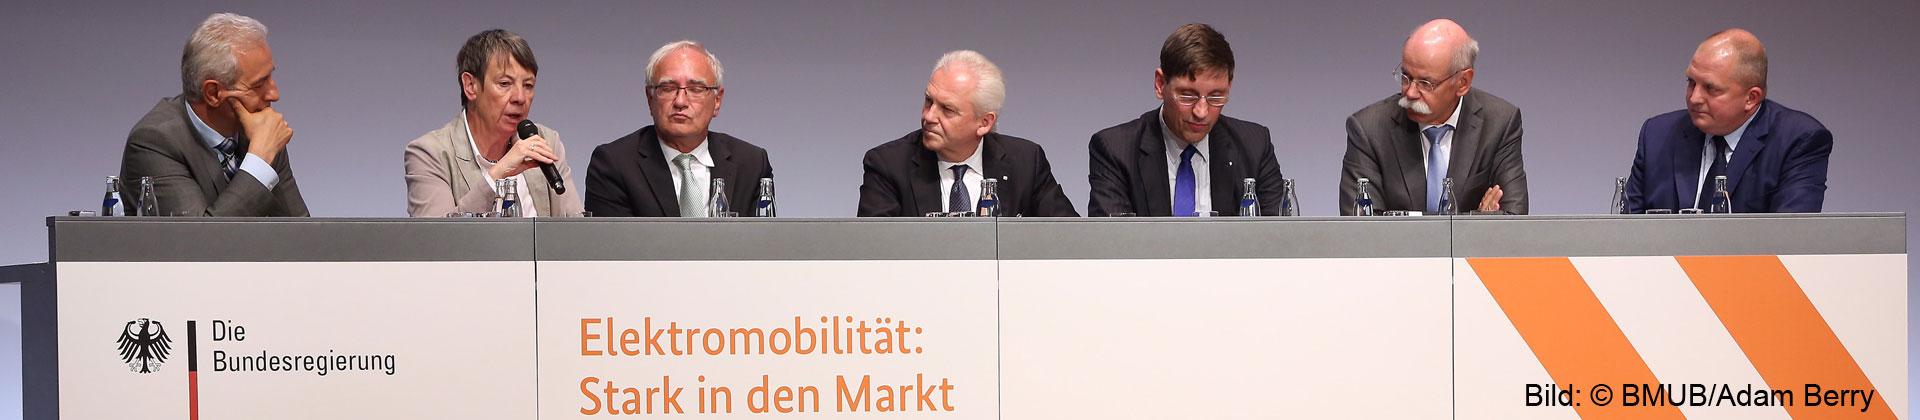 Nationale Konferenz Elektromobilität 2015 (Bild: © BMUB/Adam Berry)